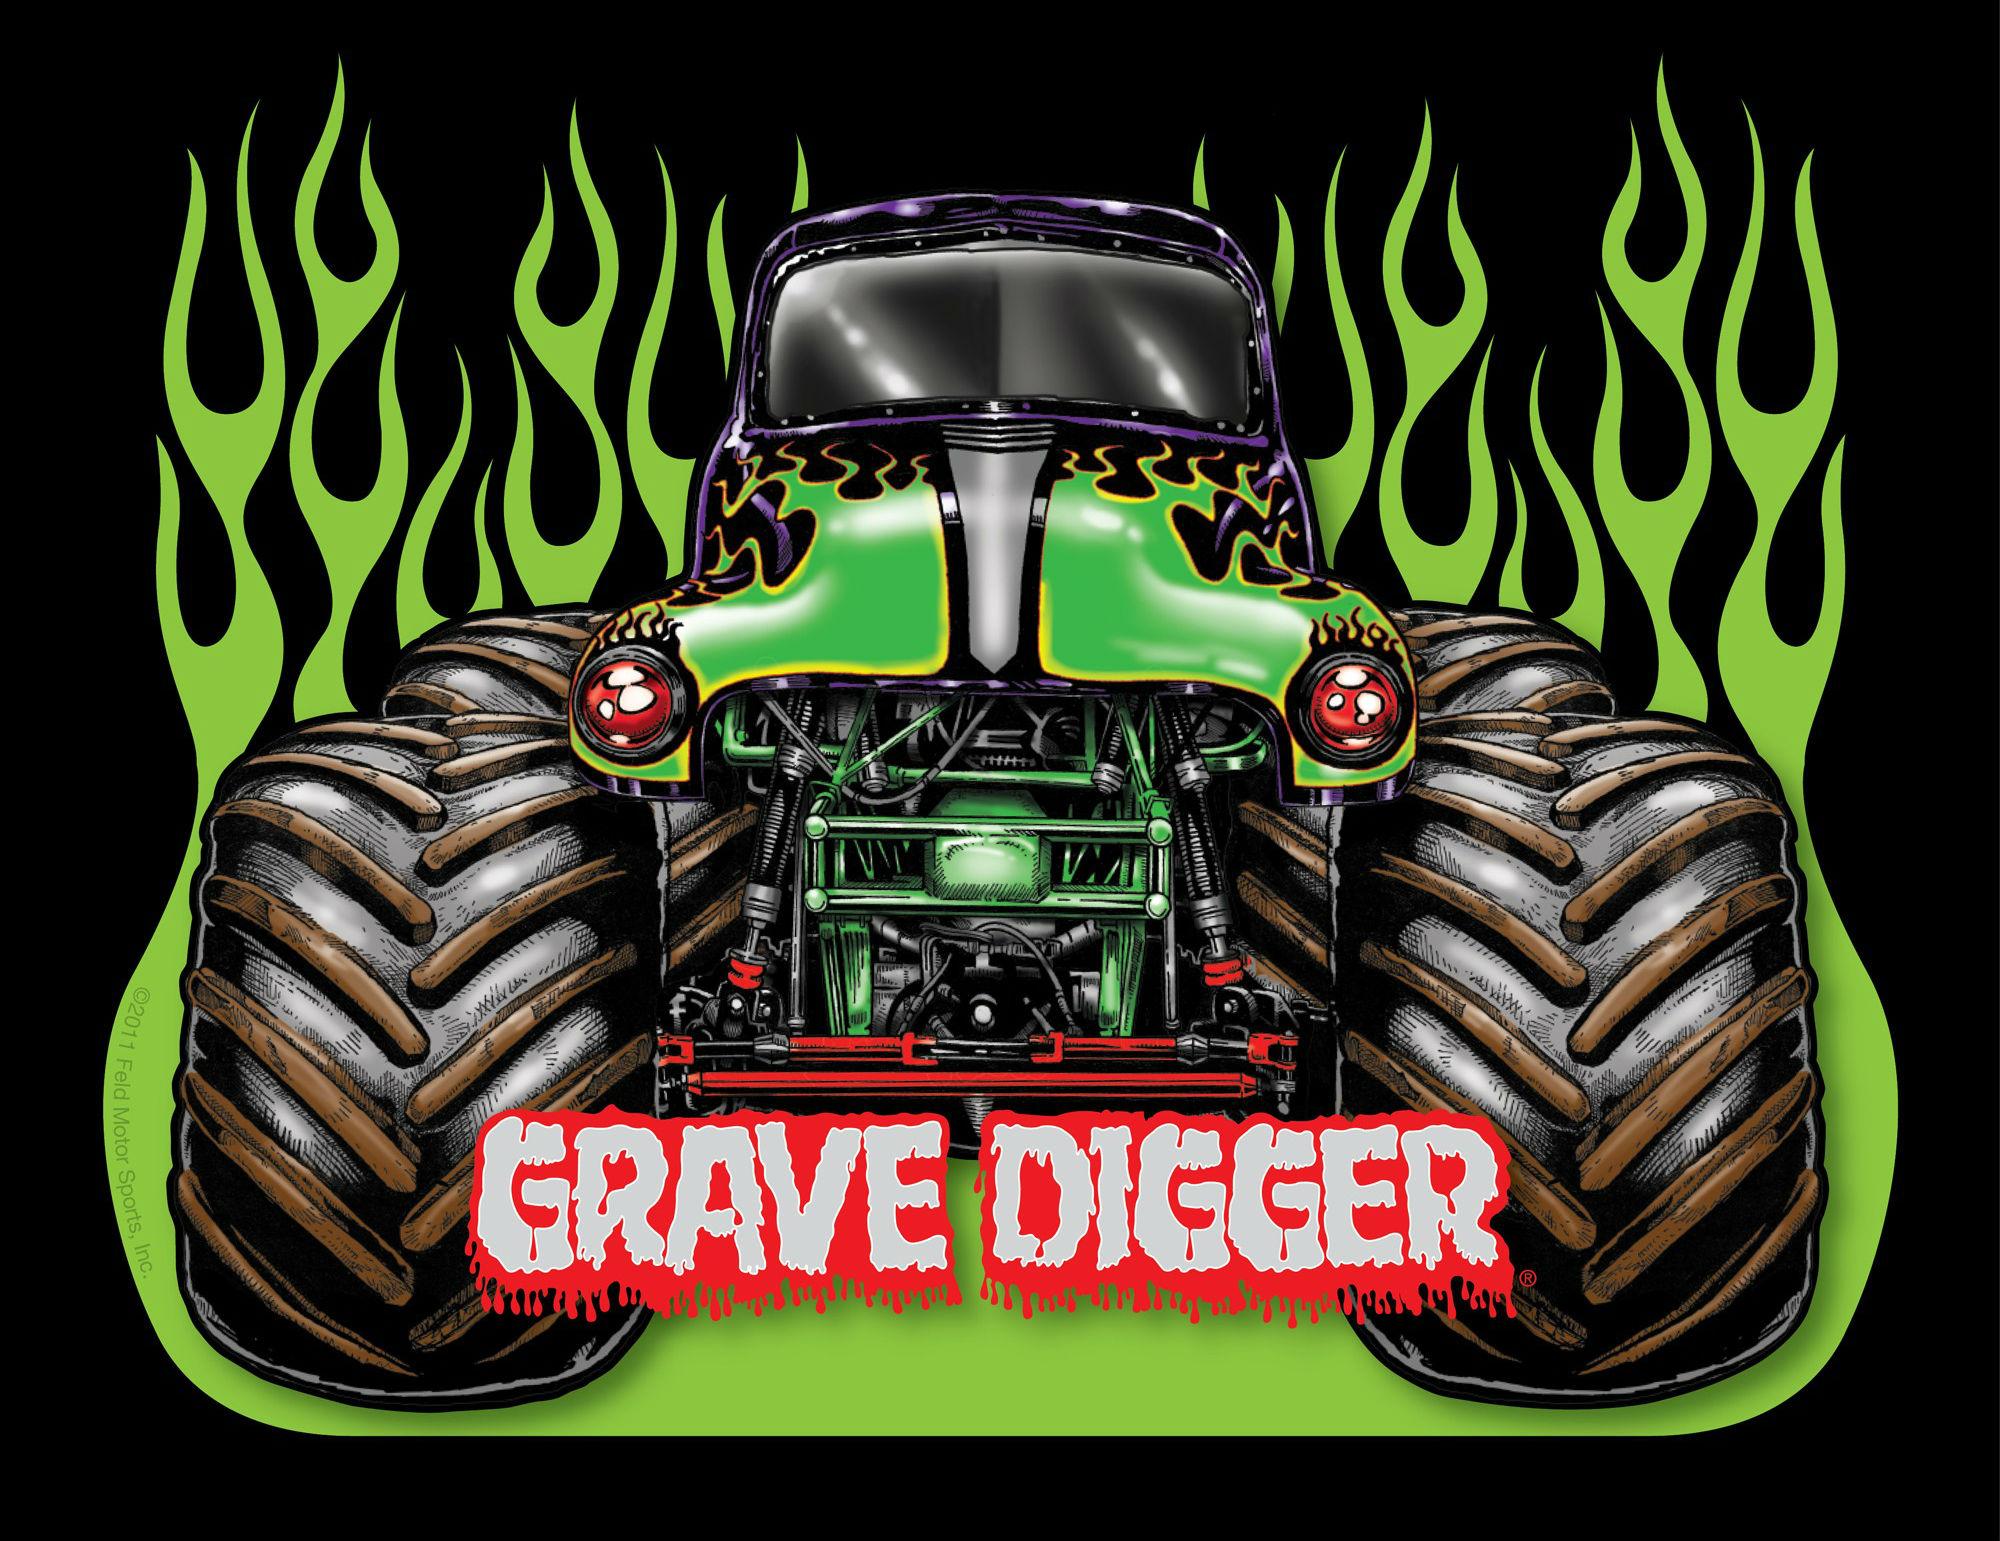 GRAVE DIGGER monster truck 4x4 race racing monster truck js 2000x1541